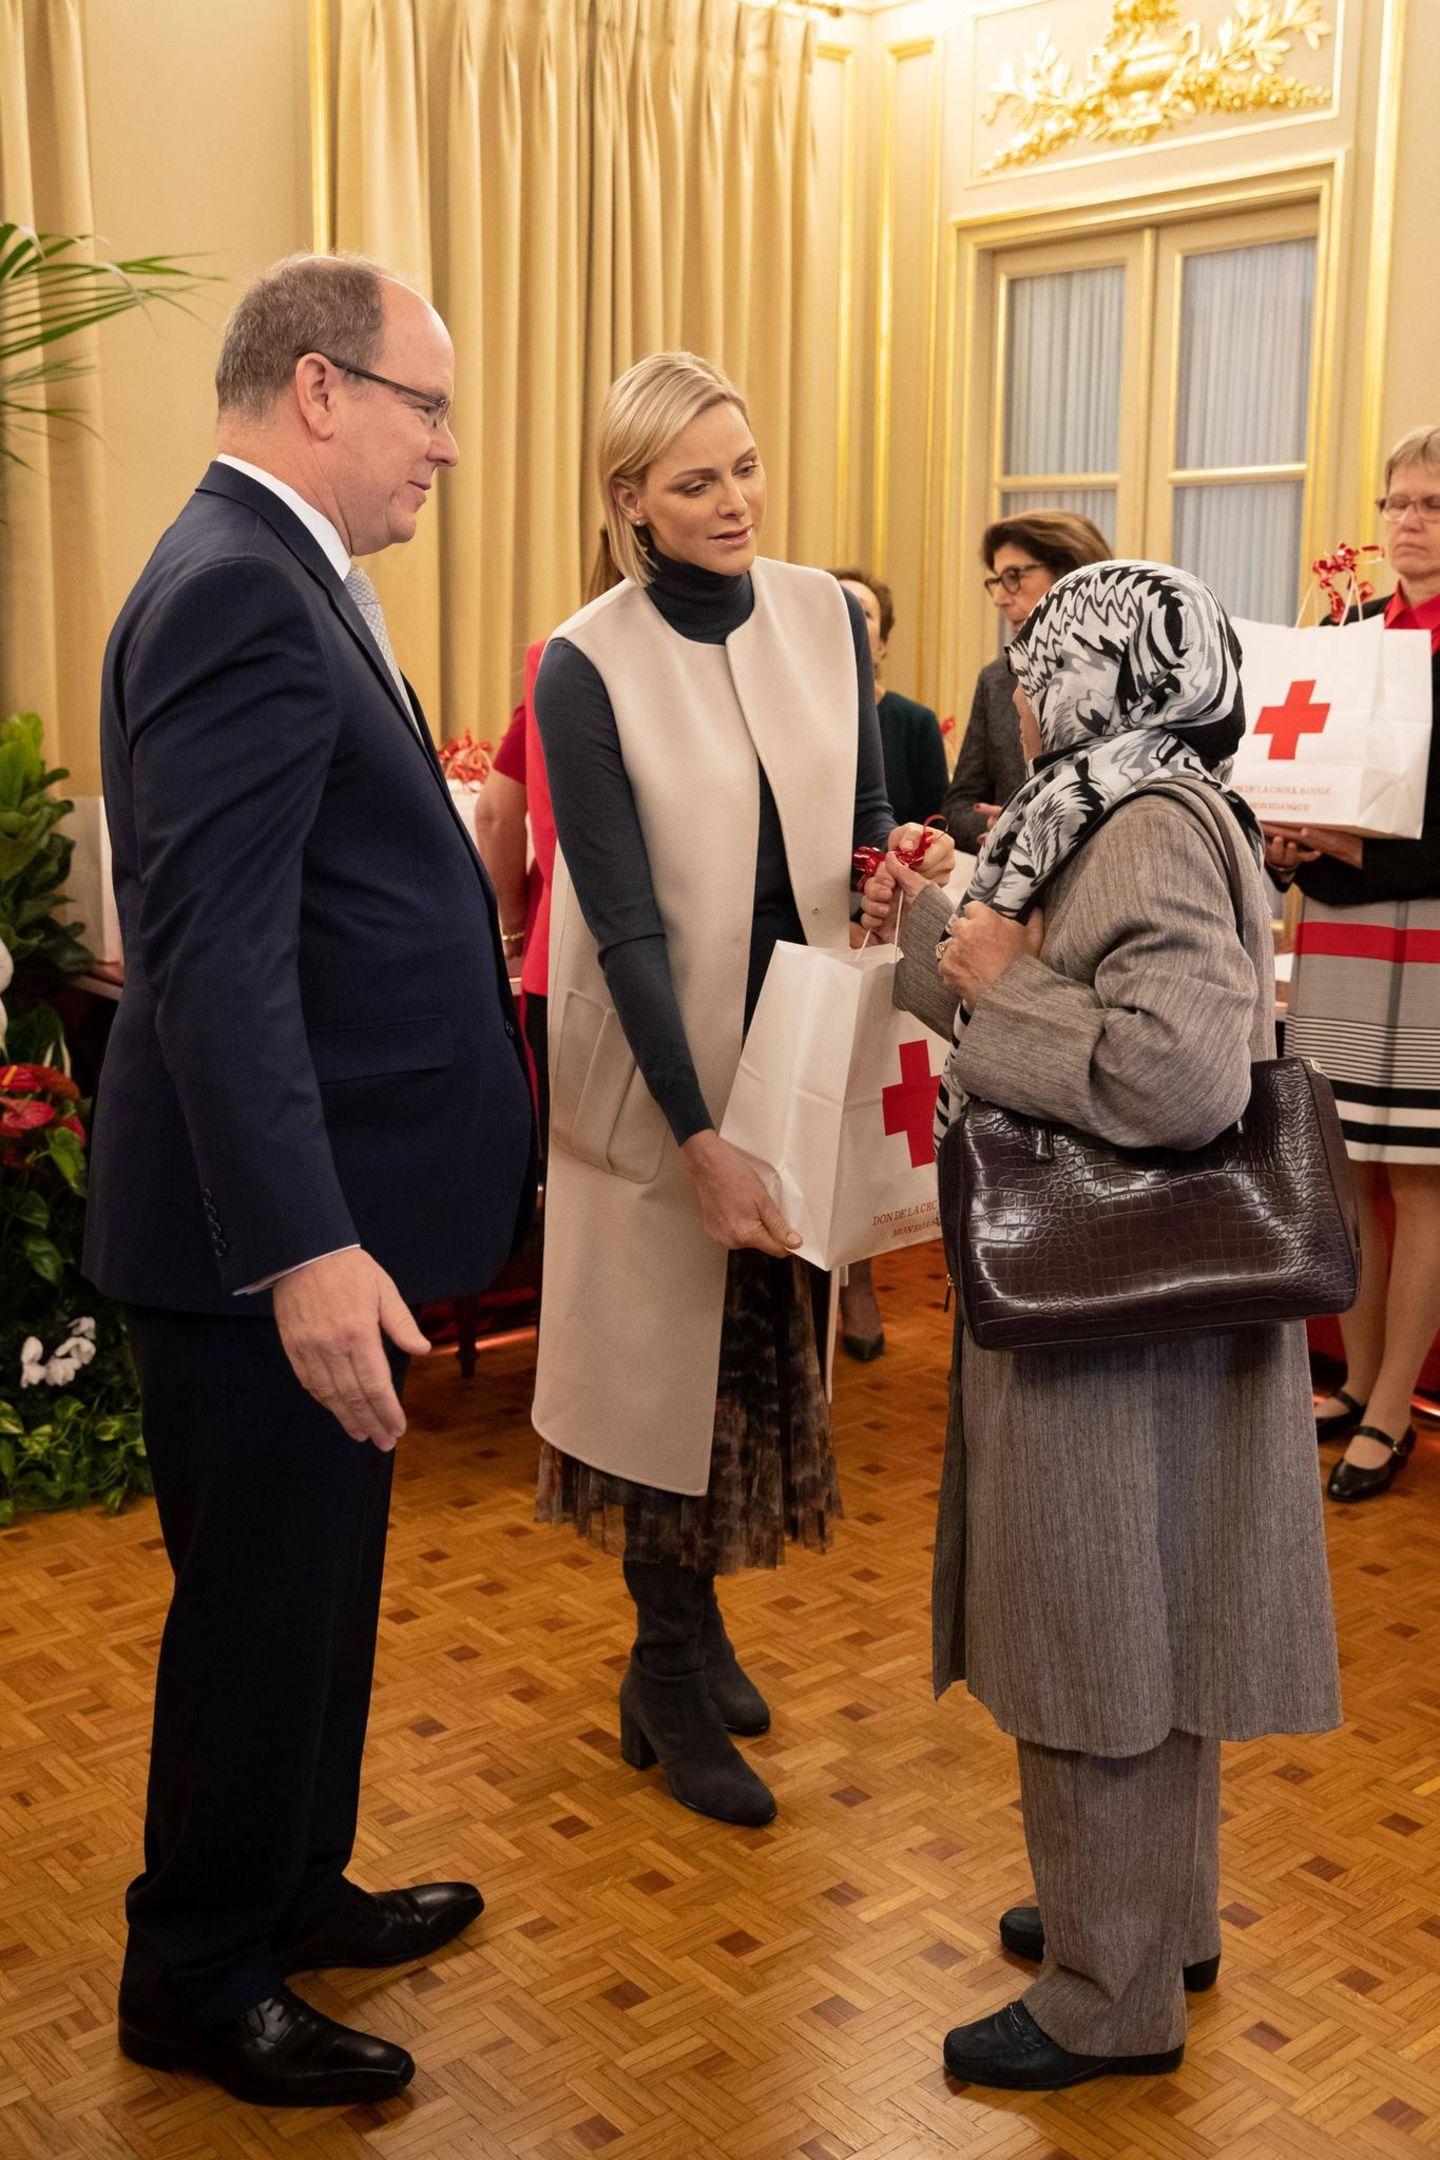 Zusammen mit ihrem Mann, Fürst Albert, verteilt die Mutter von ZwillingenGeschenken an Bedürftige beim Roten Kreuz. Dabei trägt Charlène einen dunklen Rollkragenpullover, einen Midi-Rock und einen auffälligen, hellen Mantel mit breiten Taschen.